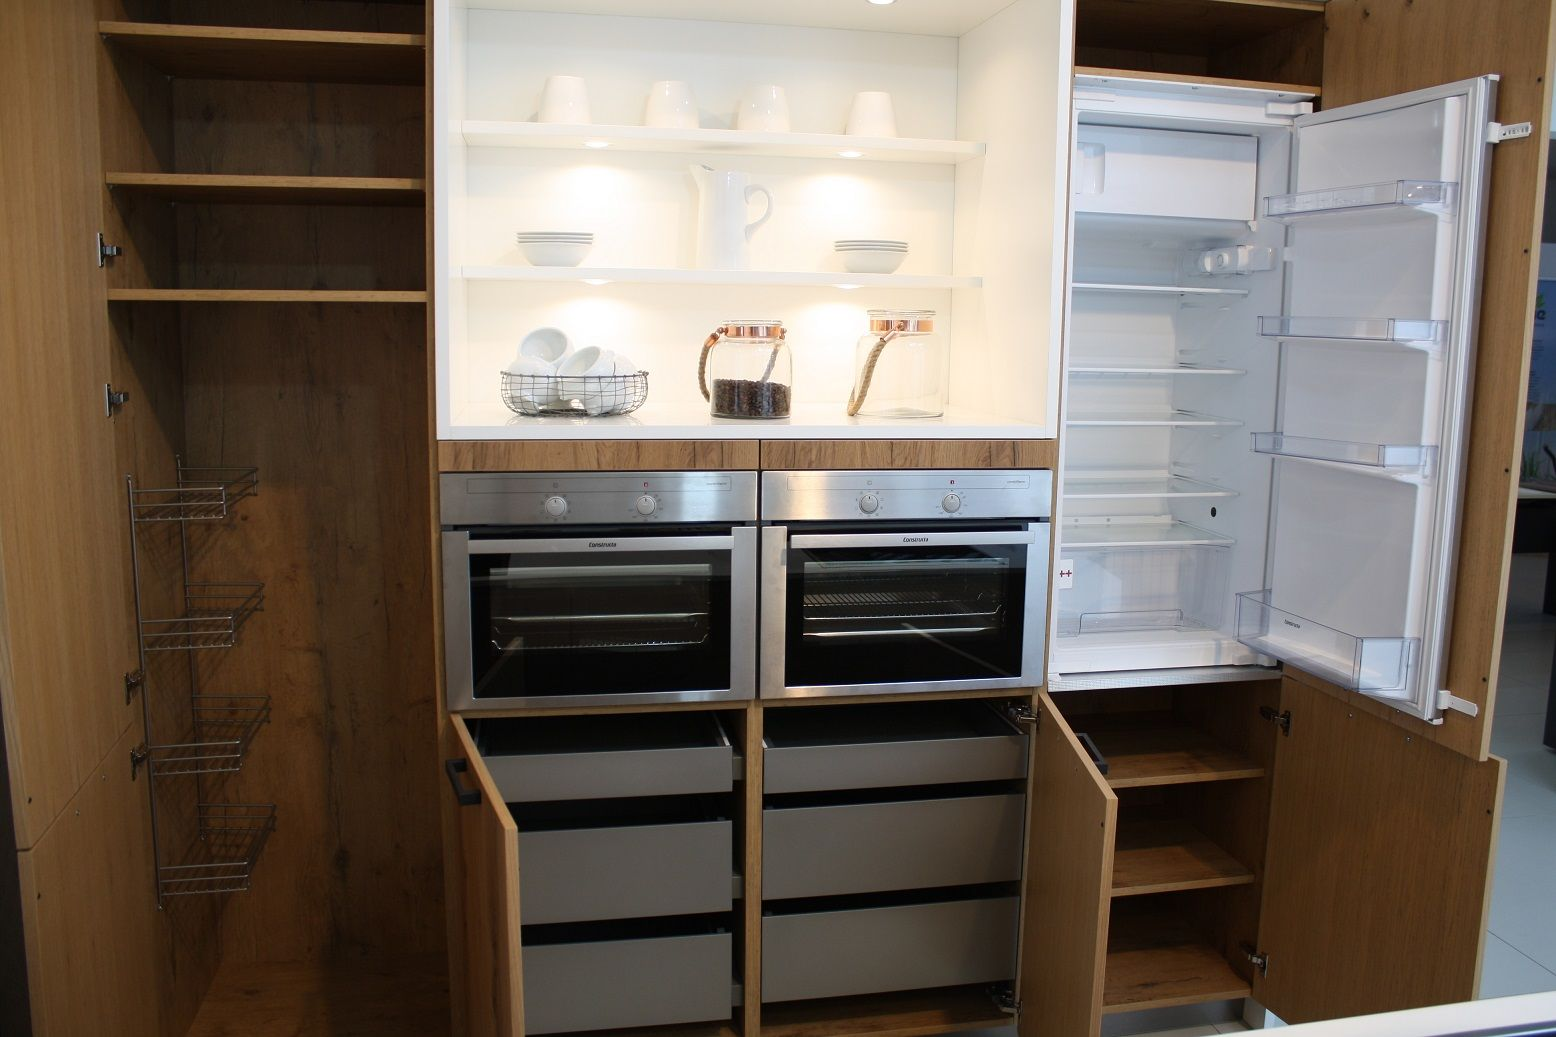 Afmetingen Schiereiland Keuken : keukens voor zeer lage keuken prijzen Warm landelijke keuken 16.6